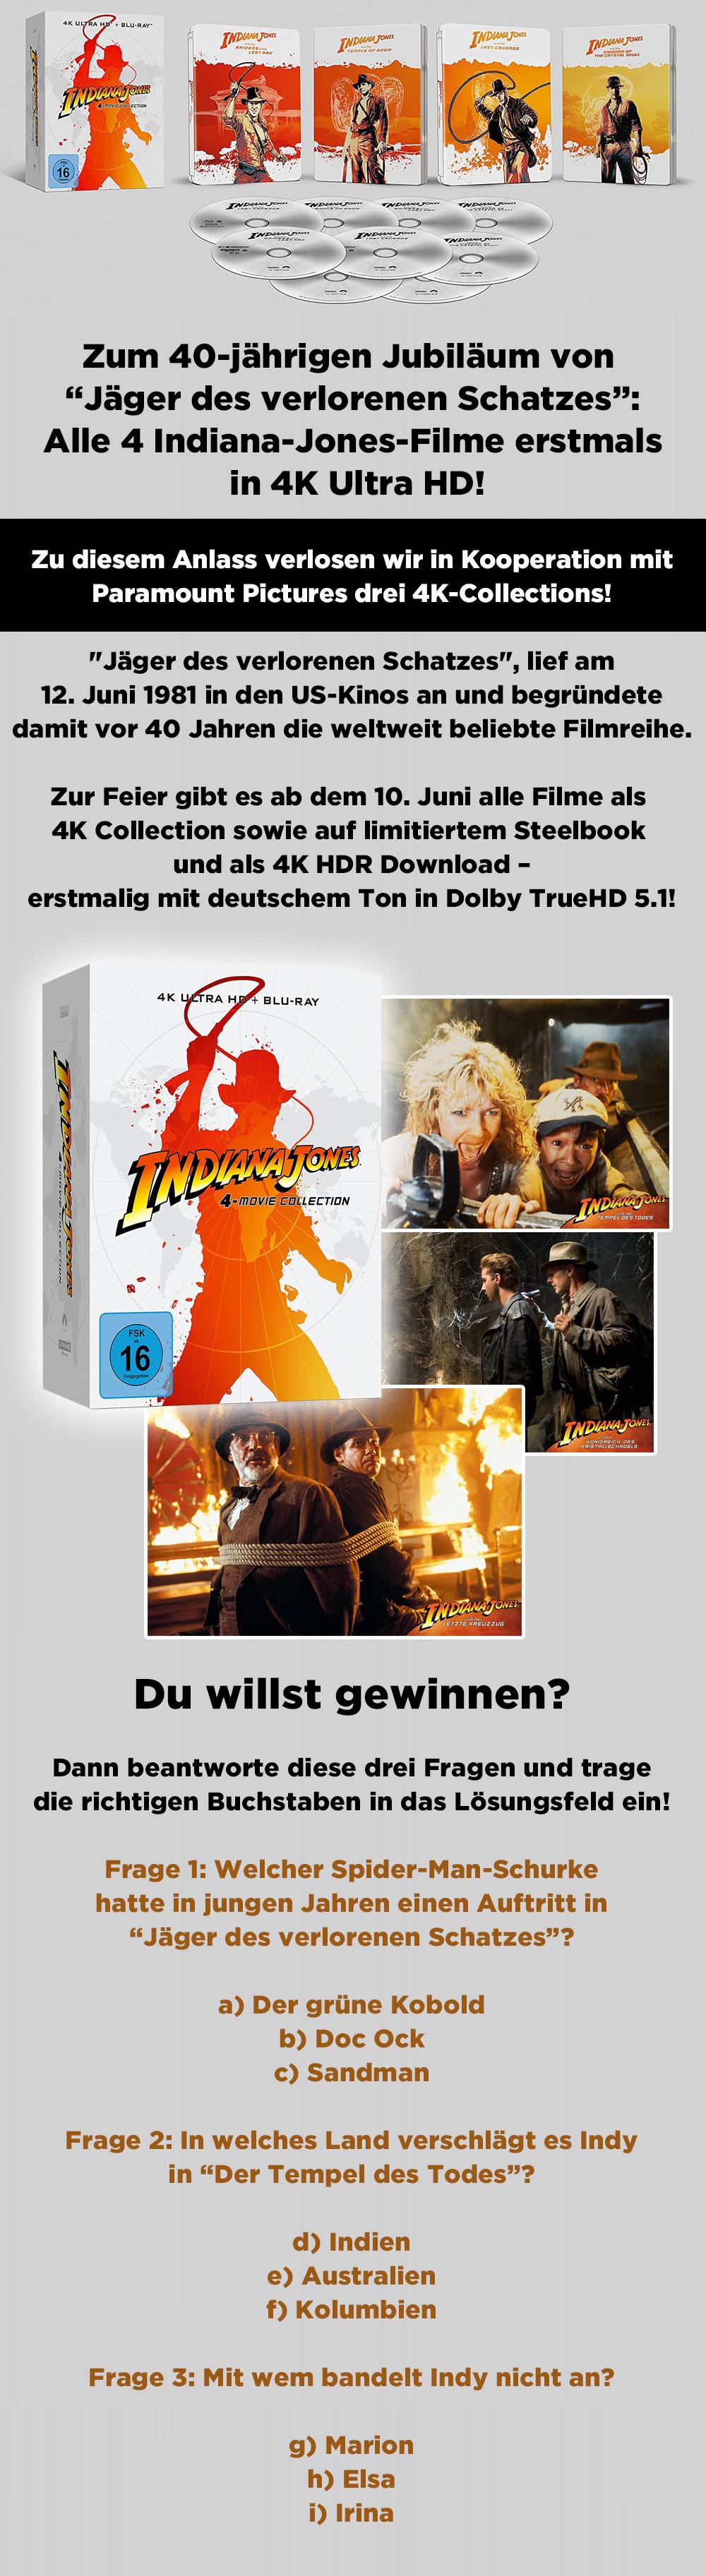 """Bild 1:Gewinne die neue 4K-Collection mit allen """"Indiana Jones""""-Filmen!"""